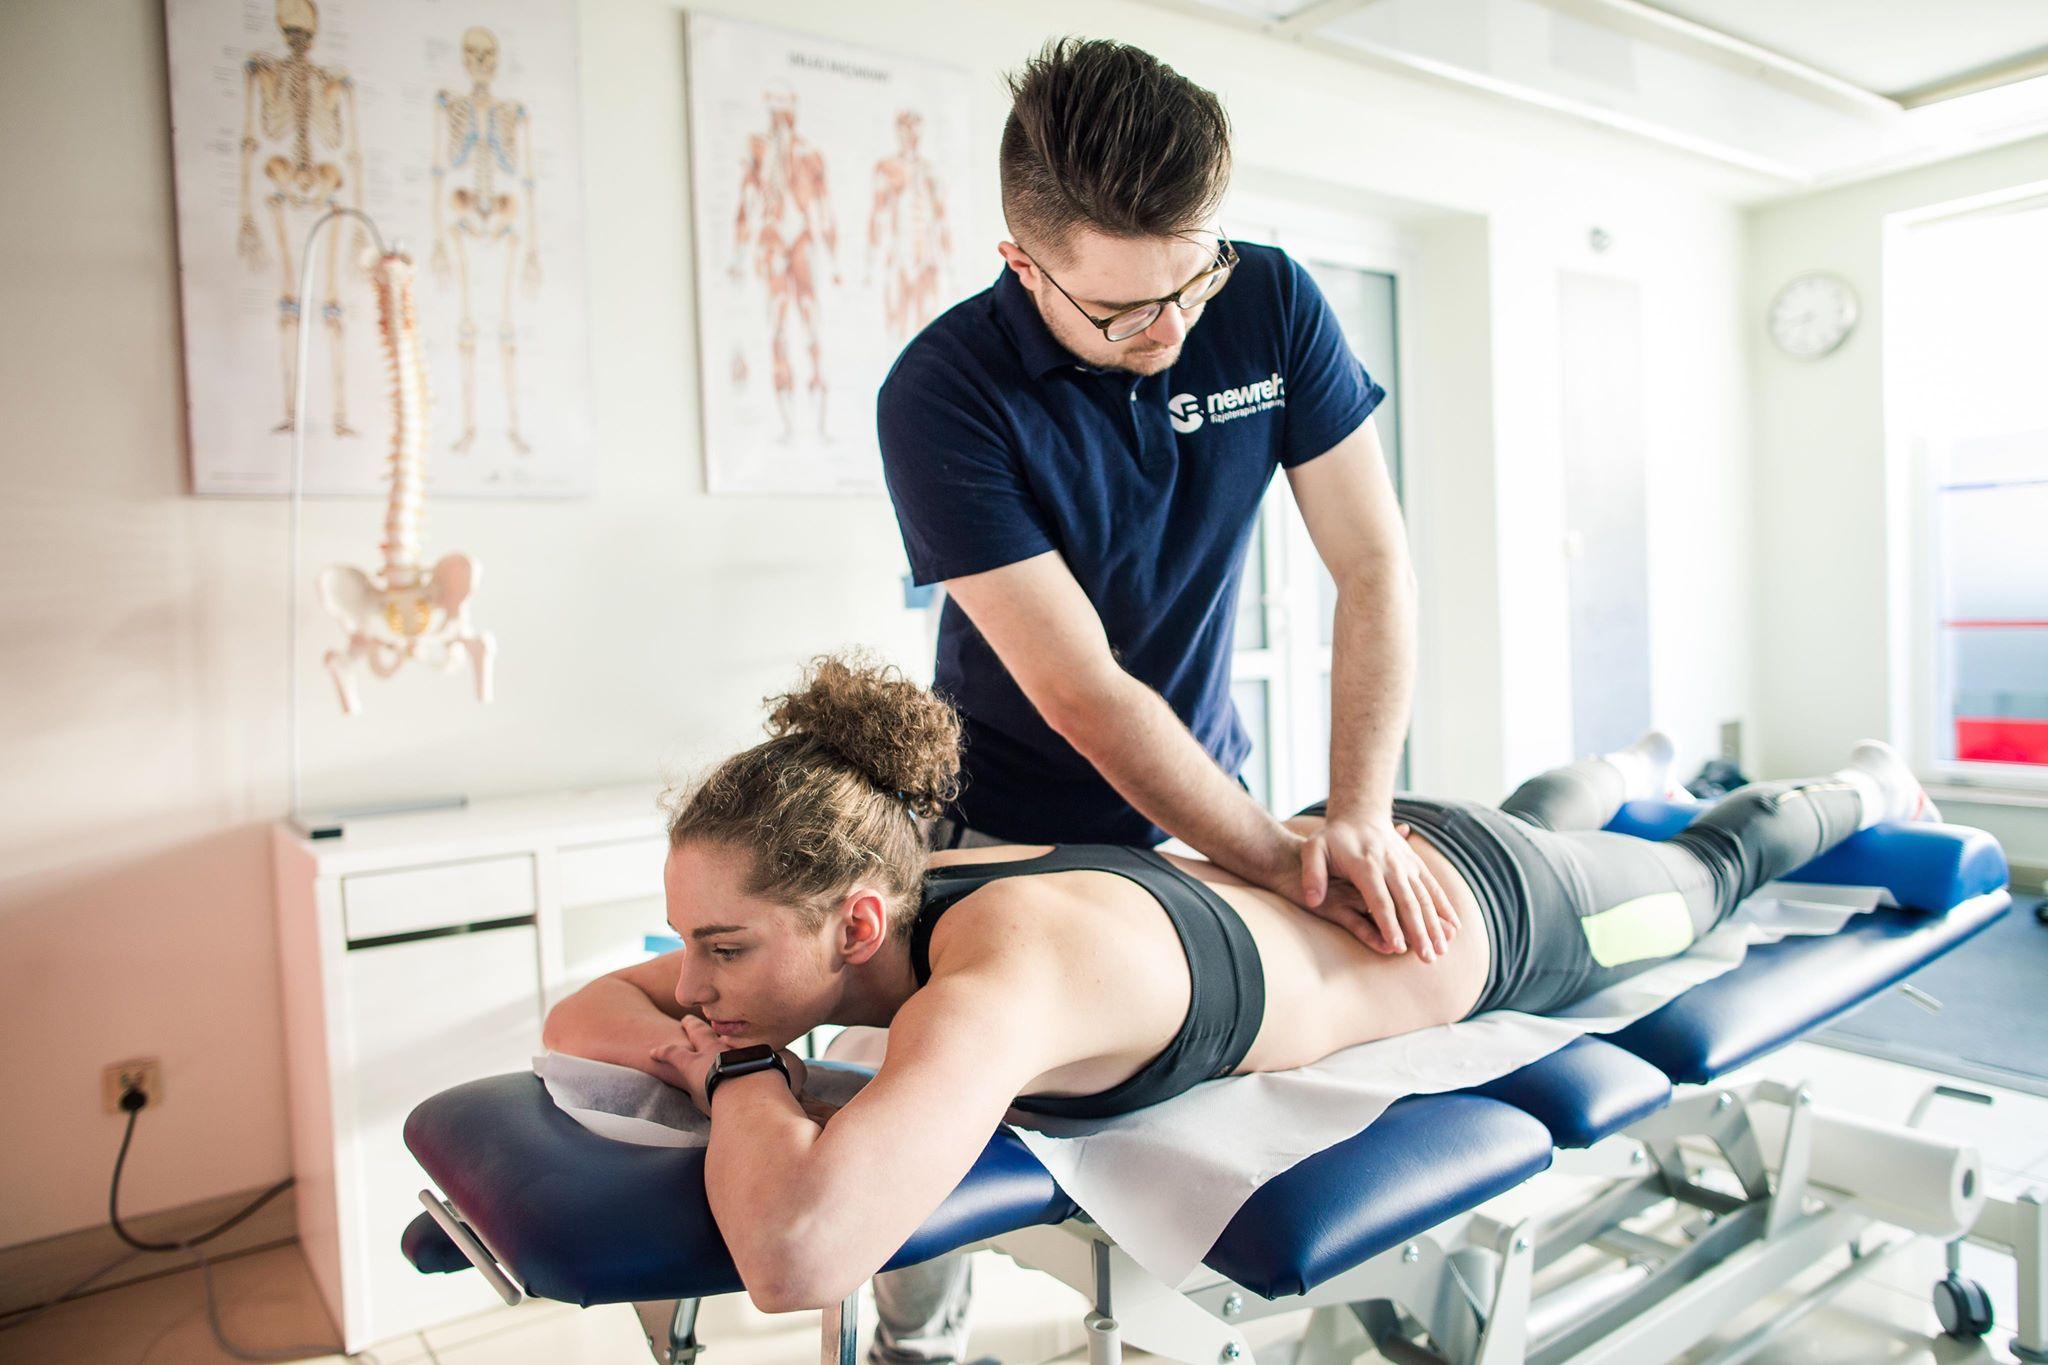 """Powracam do tematu roli medycyny we współczesnym sporcie. Tym razem będzie o fizjoterapii, czyli w naszym przypadku współpracy z """"NewReh – fizjoterapia i sport""""."""